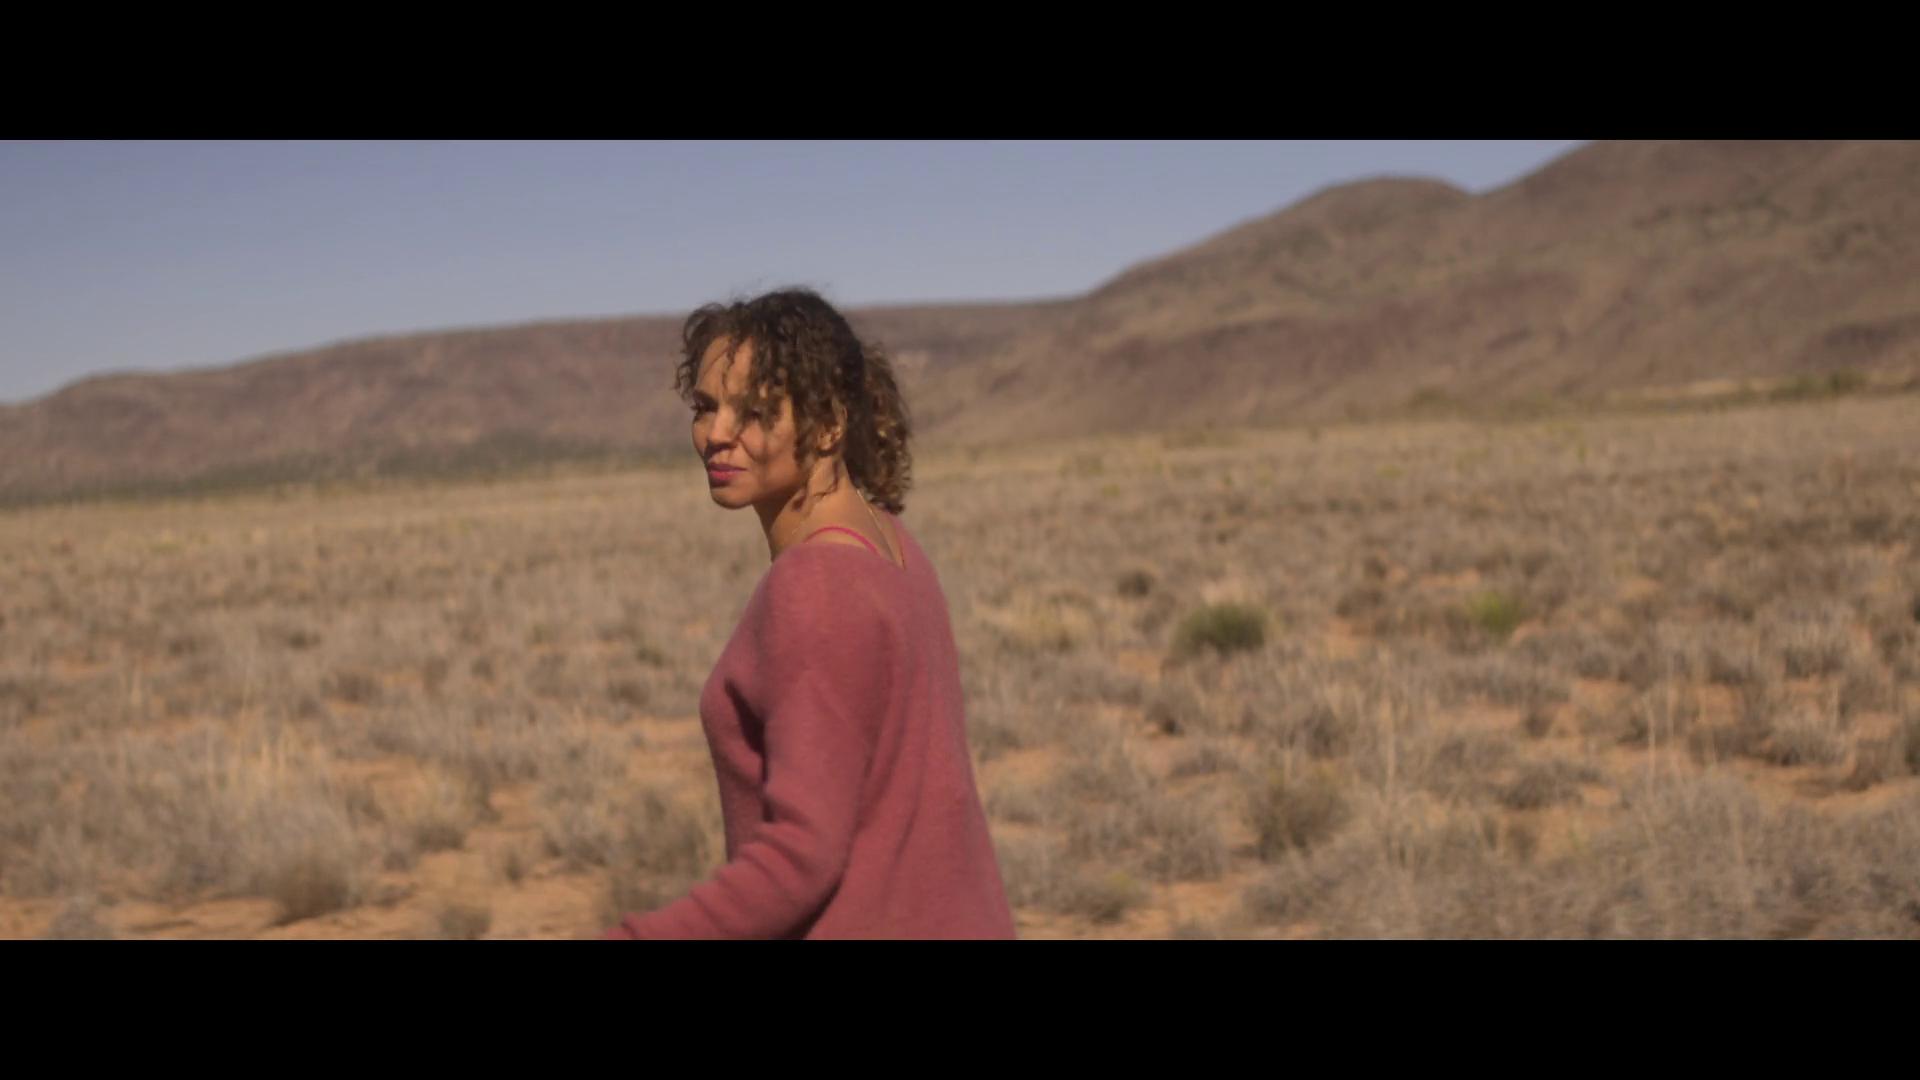 Rattlesnake.2019.1080p.NF.WEB-DL تحميل تورنت فيلم 9 arabp2p.com